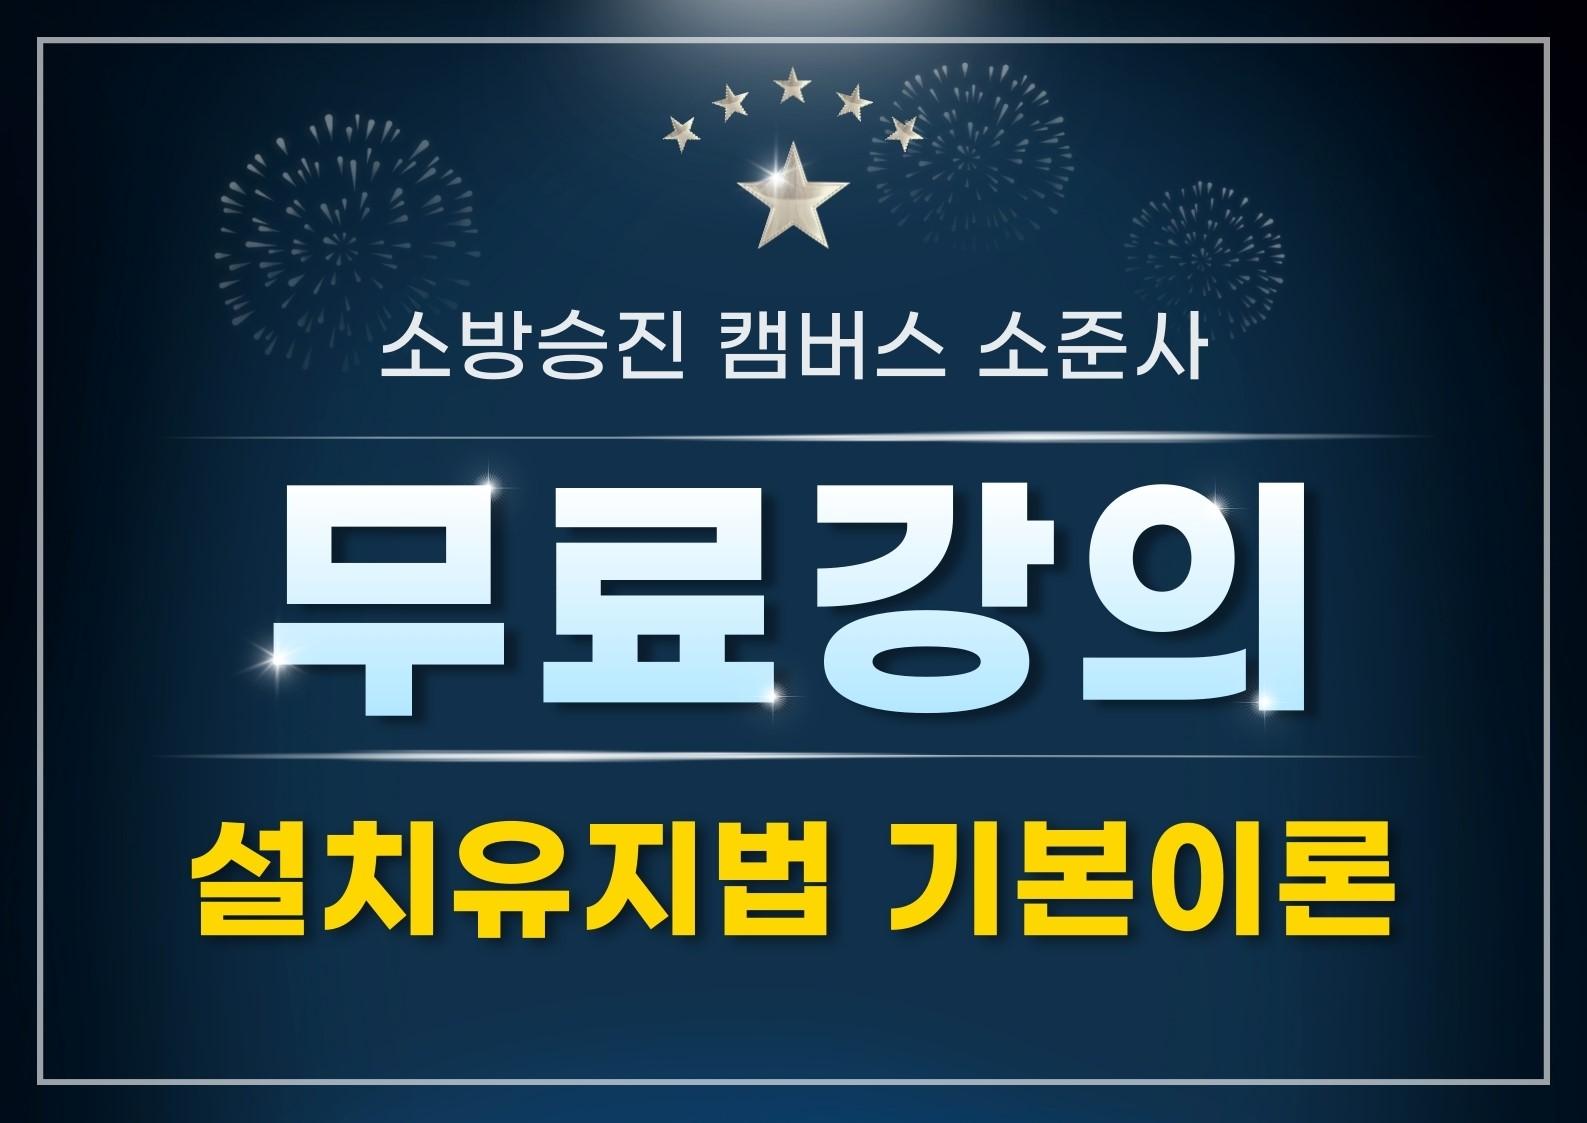 2021년 소방승진 설치유지법 기본이론 무료강의 (권동억 교수)